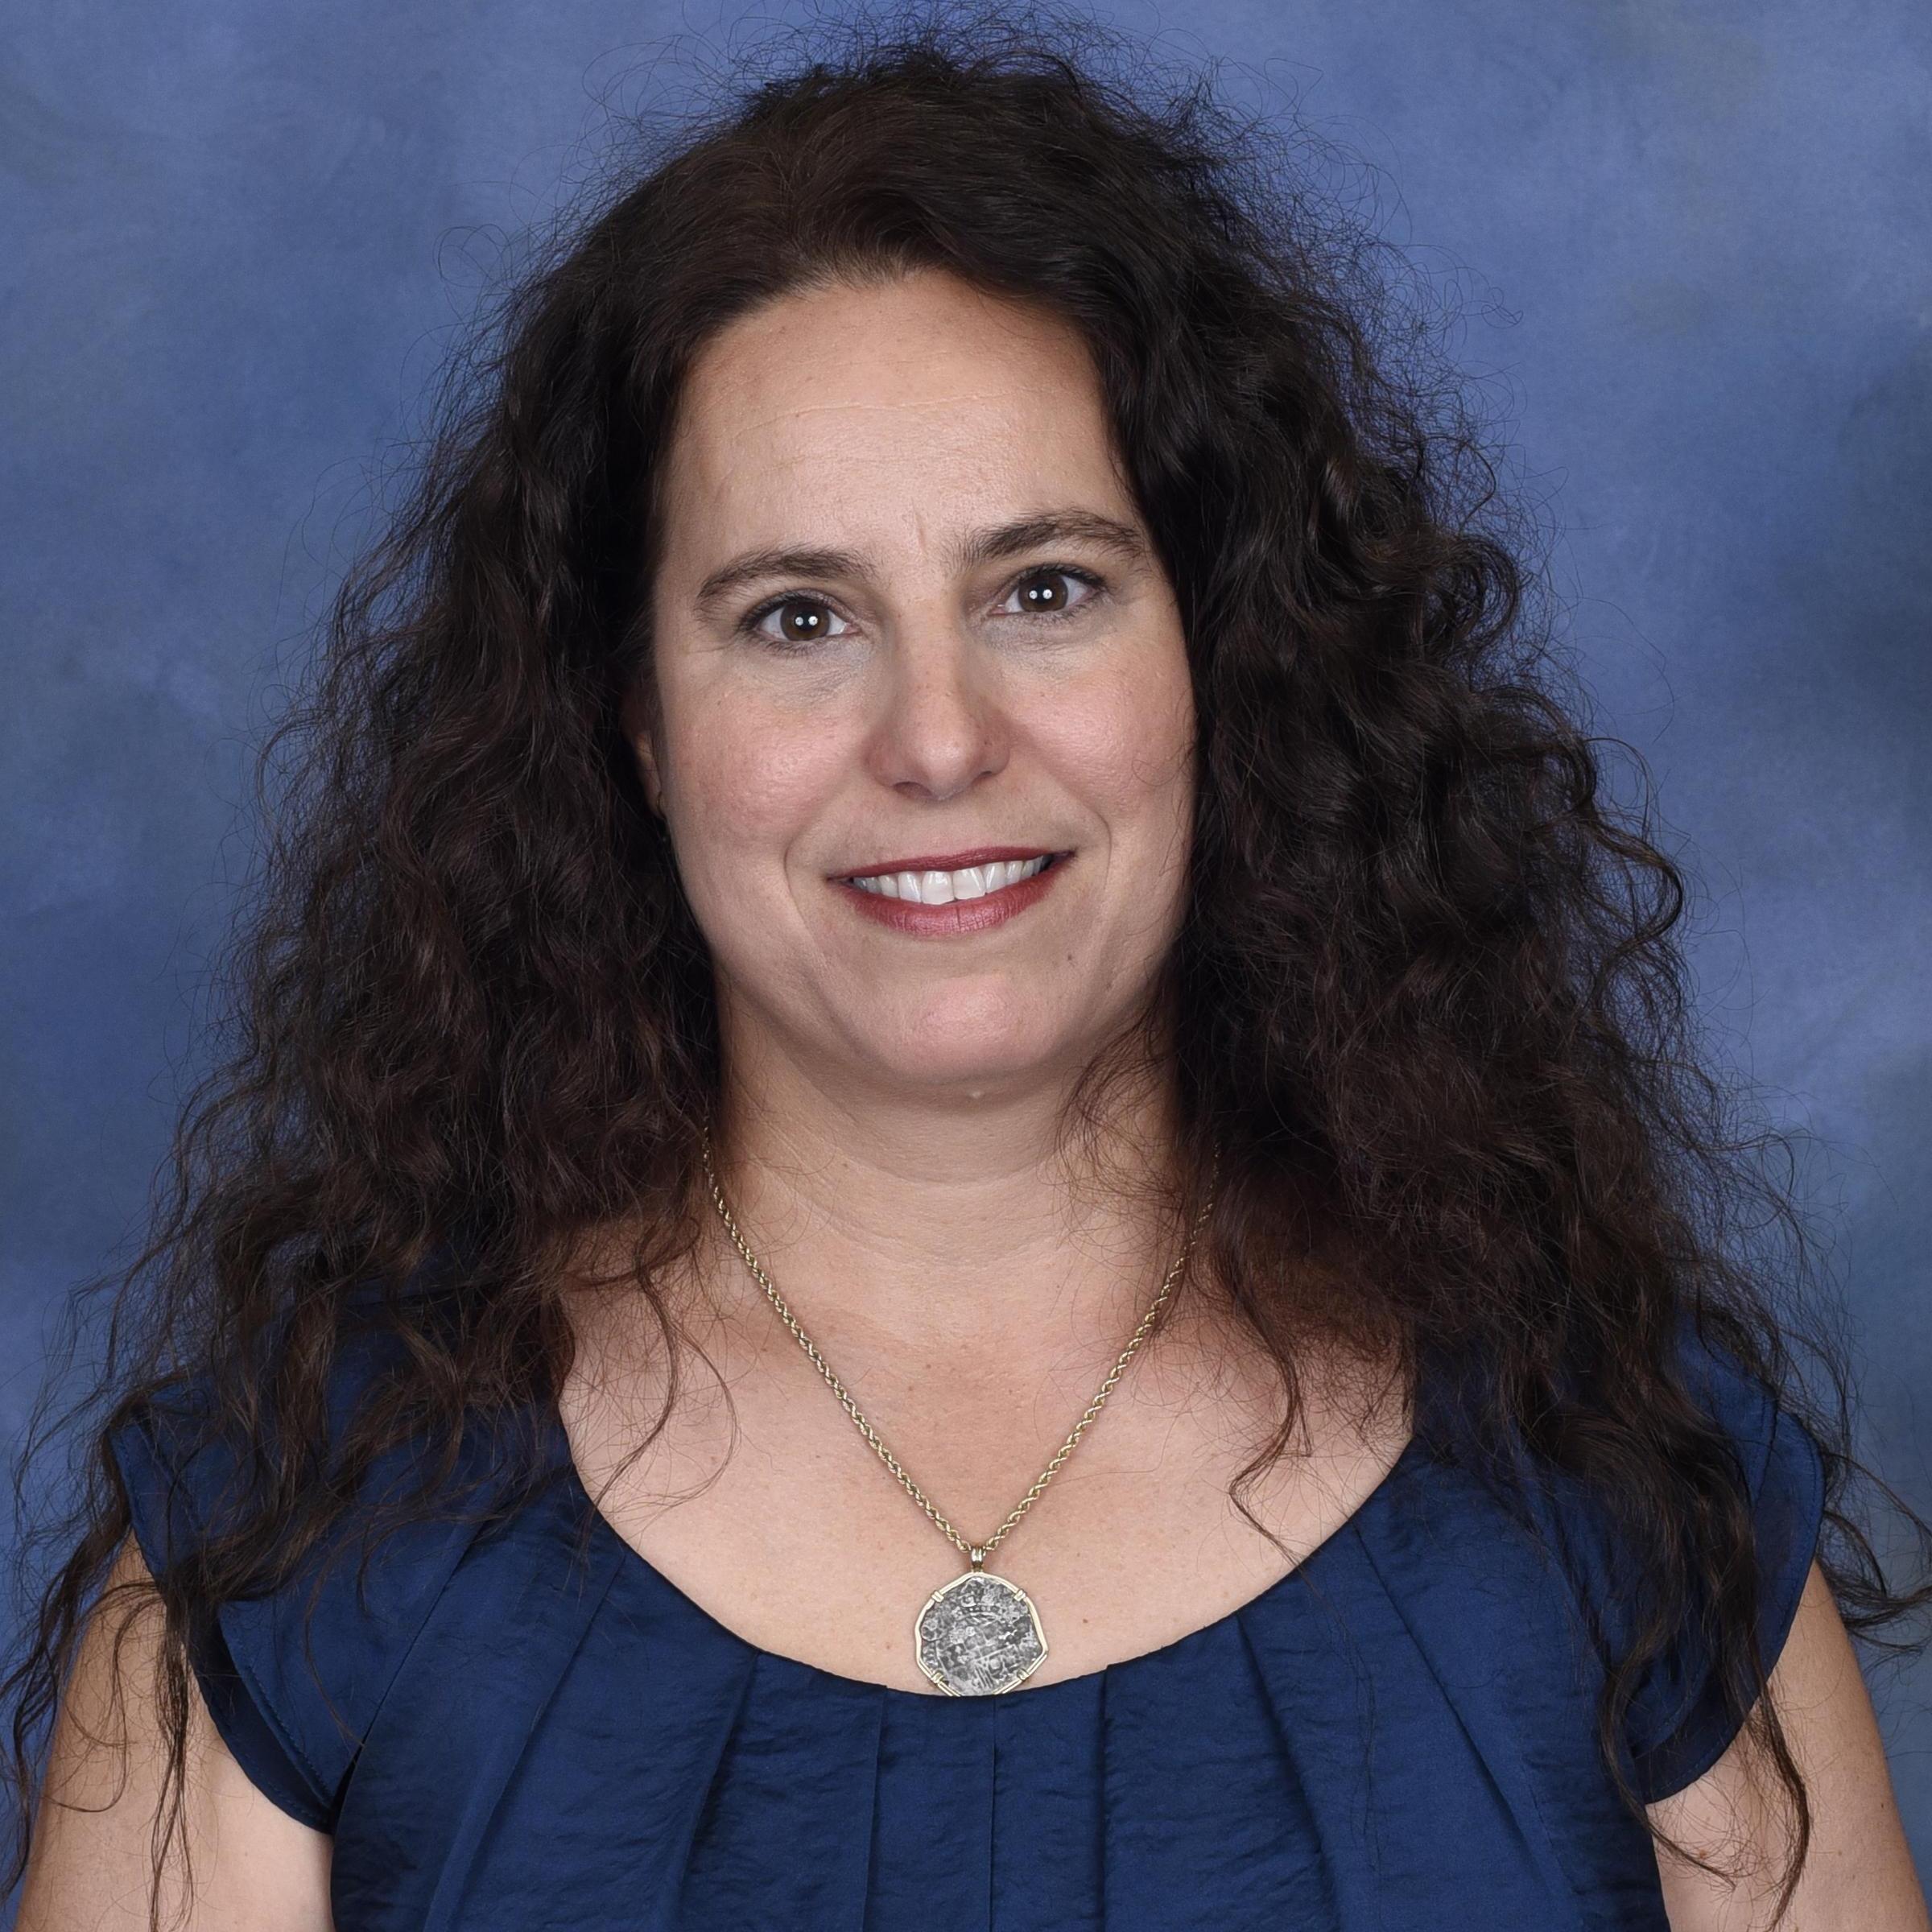 Fabiola Mendez's Profile Photo